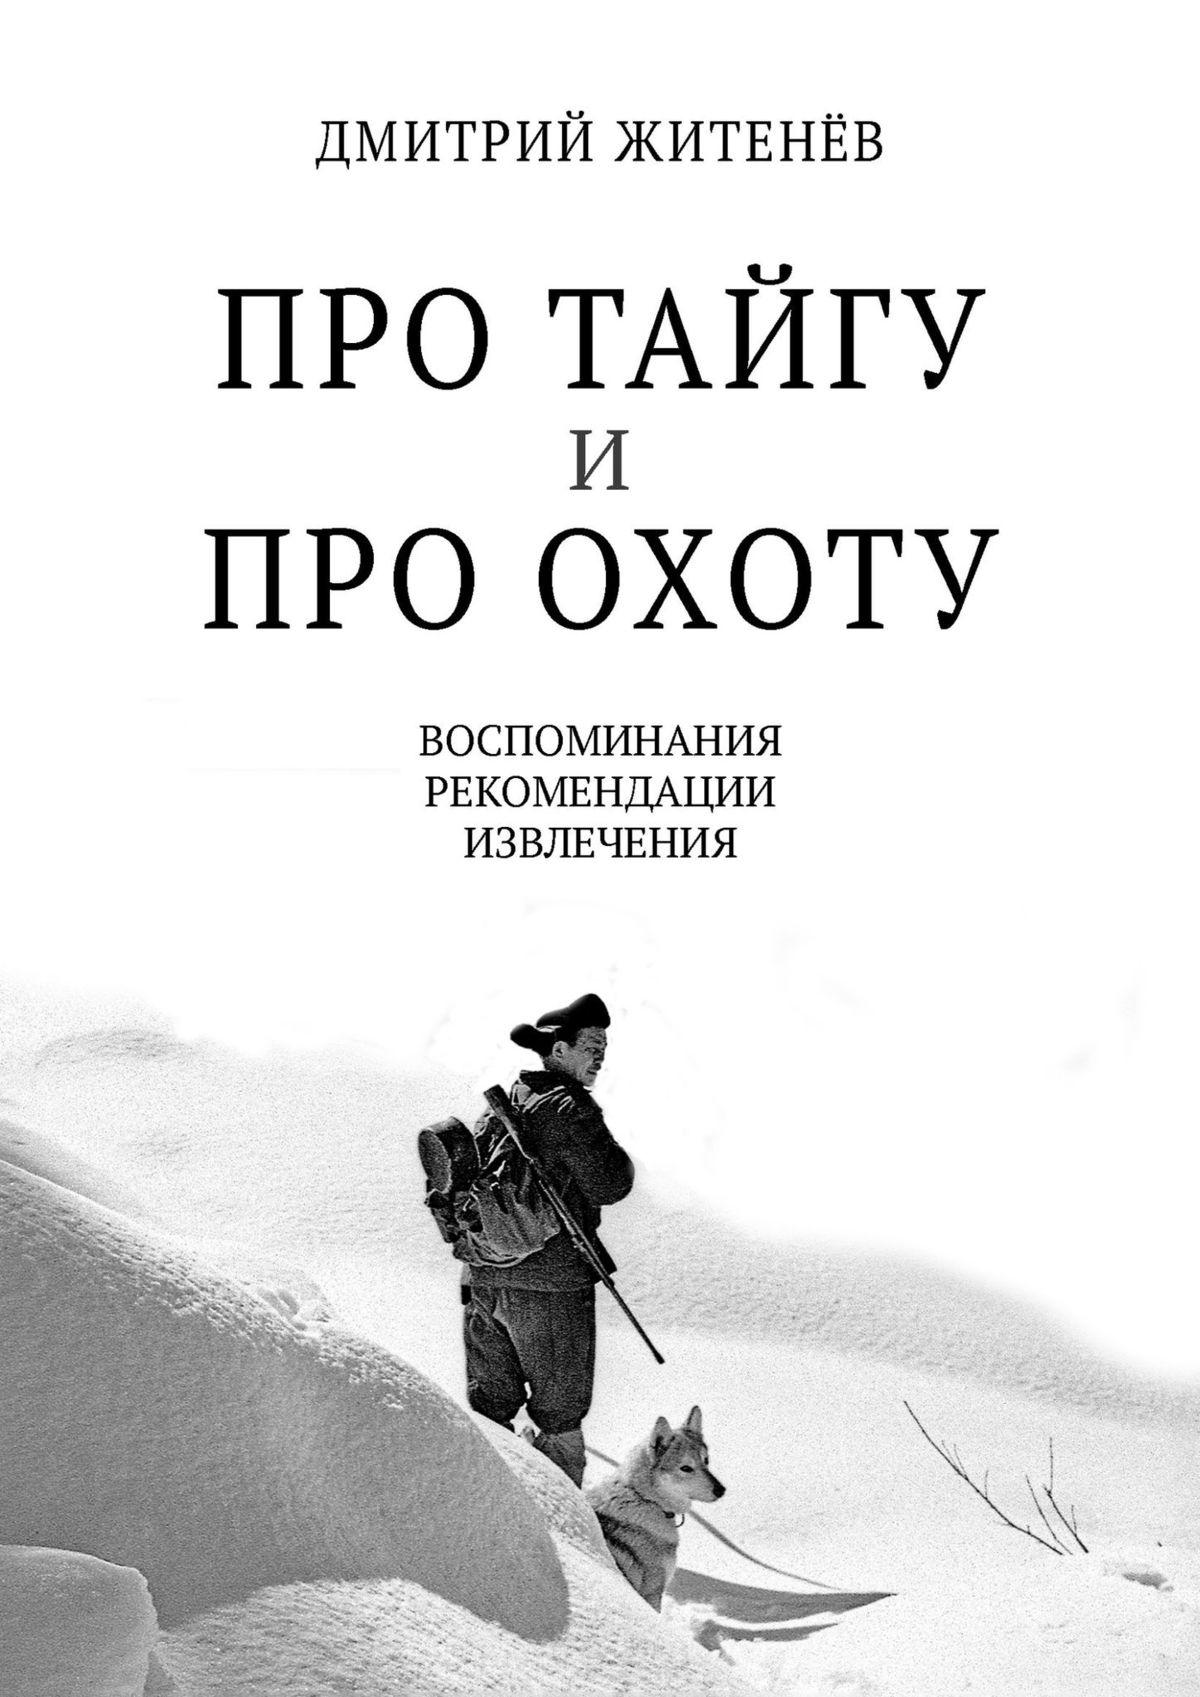 Дмитрий Житенёв Про тайгу ипро охоту. Воспоминания, рекомендации, извлечения стоимость